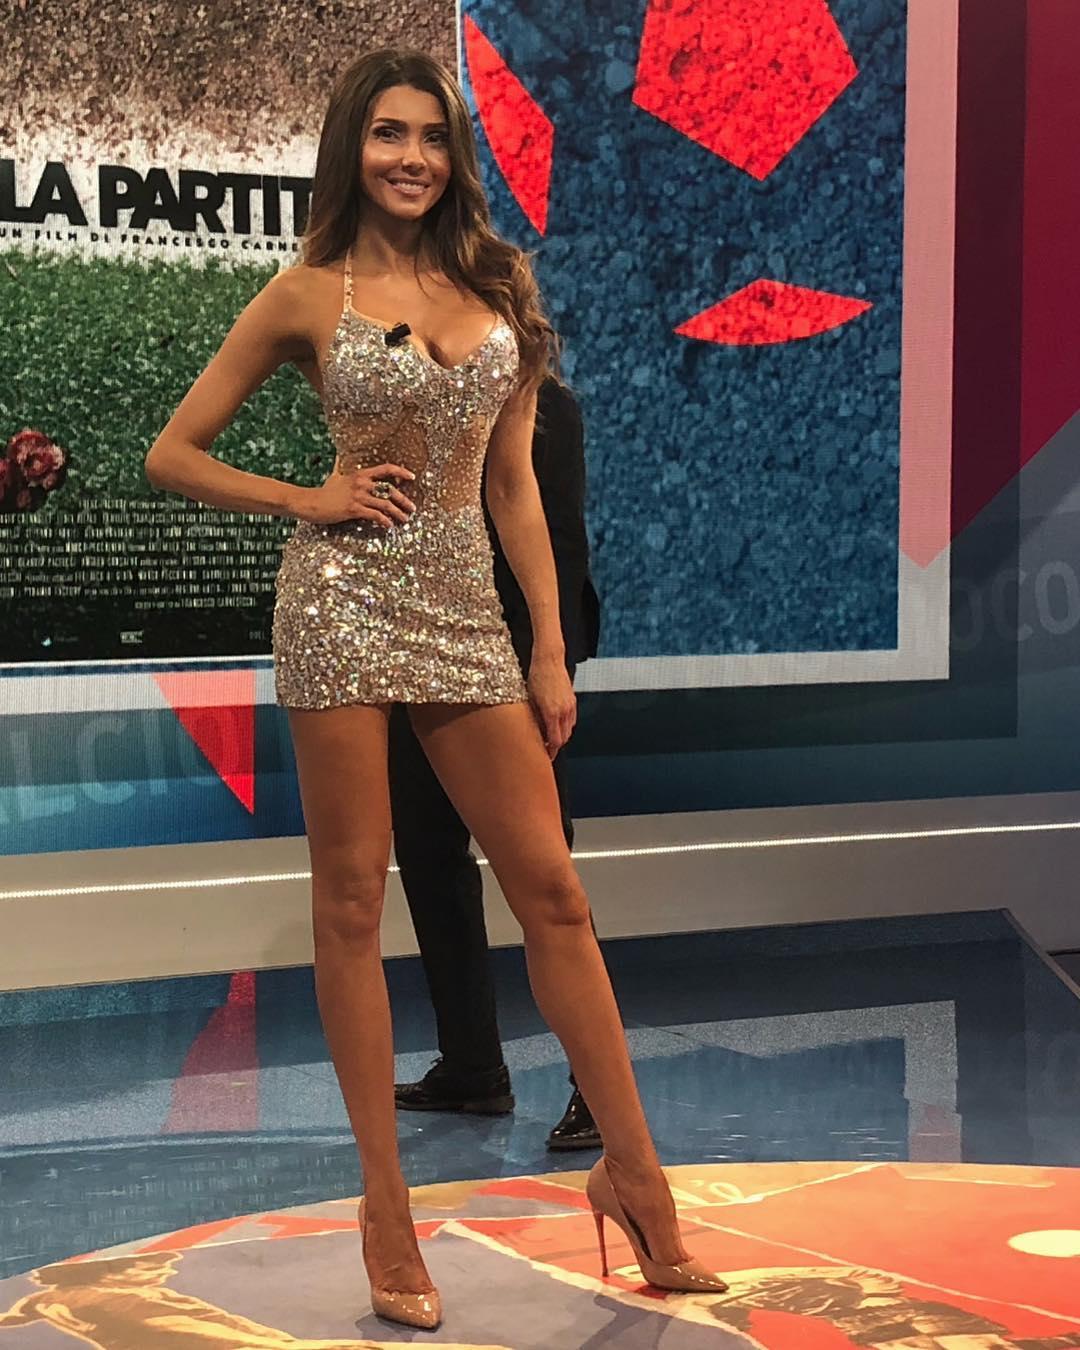 Manuela Ferrera faz promessa depois de receber mensagens de Cristiano Ronaldo